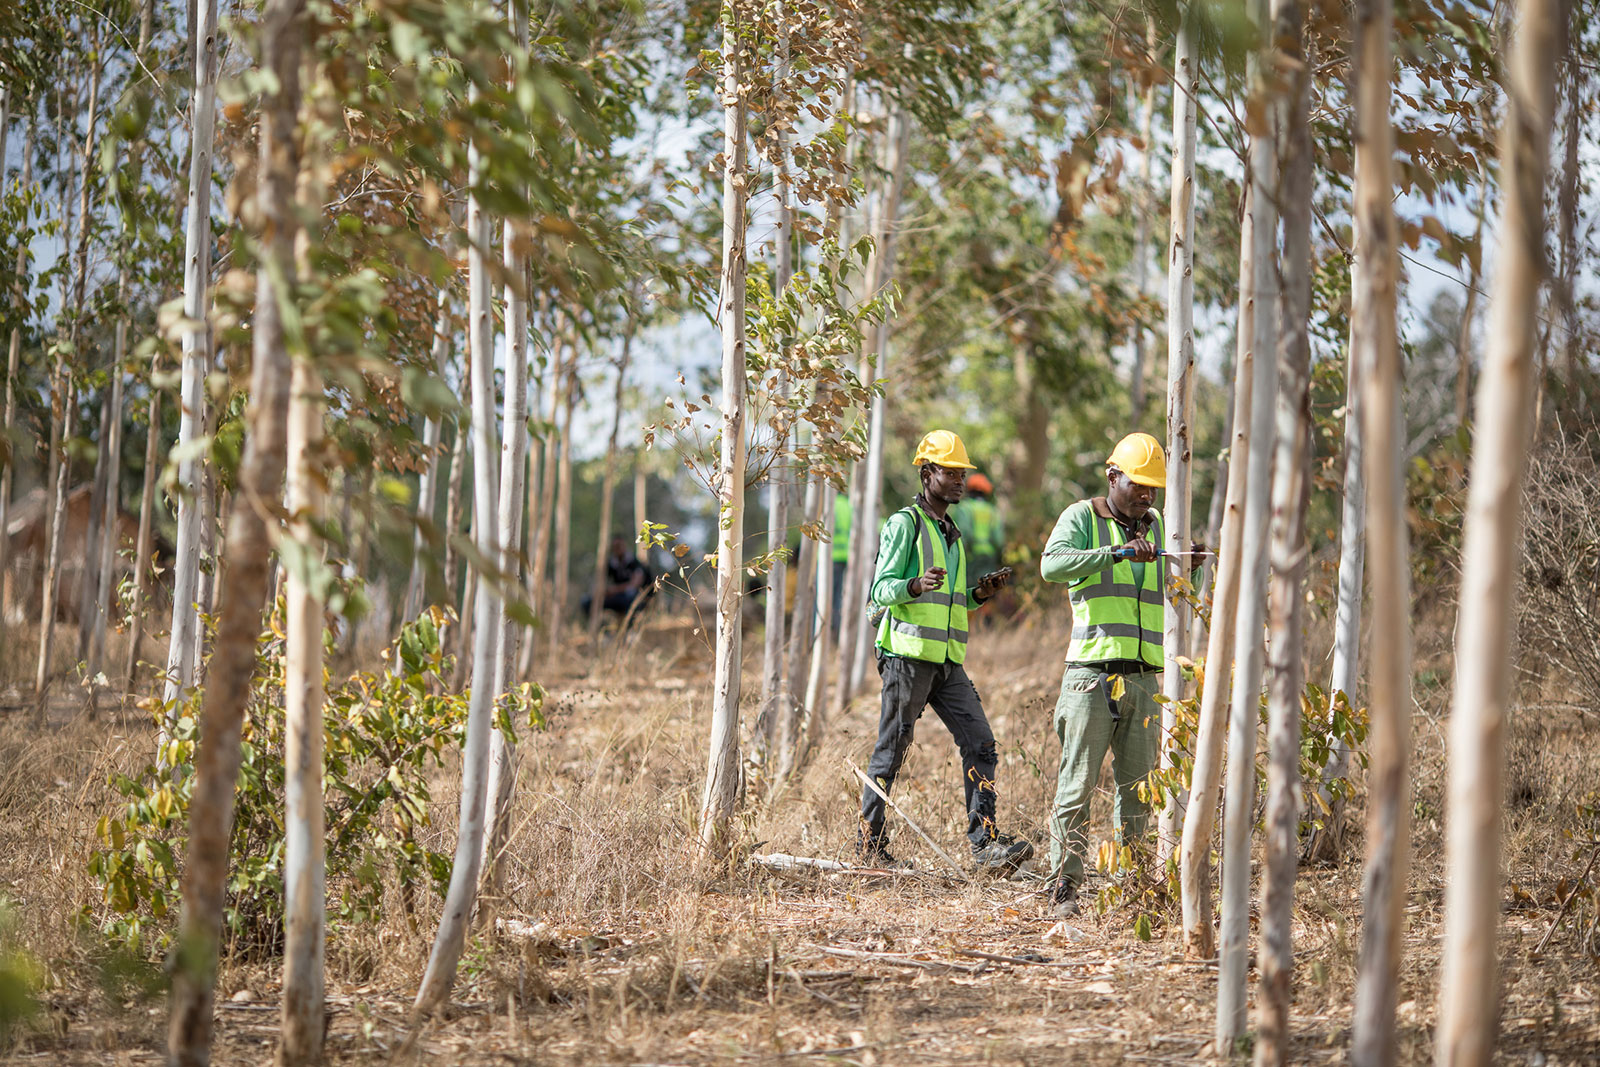 Apple 與保護國際基金會和肯亞的可持續「小規模林業」公司 Komaza 攜手合作,支援他們在減炭、生物多樣性保育和社會經濟發展方面的工作,致力帶來正面影響。